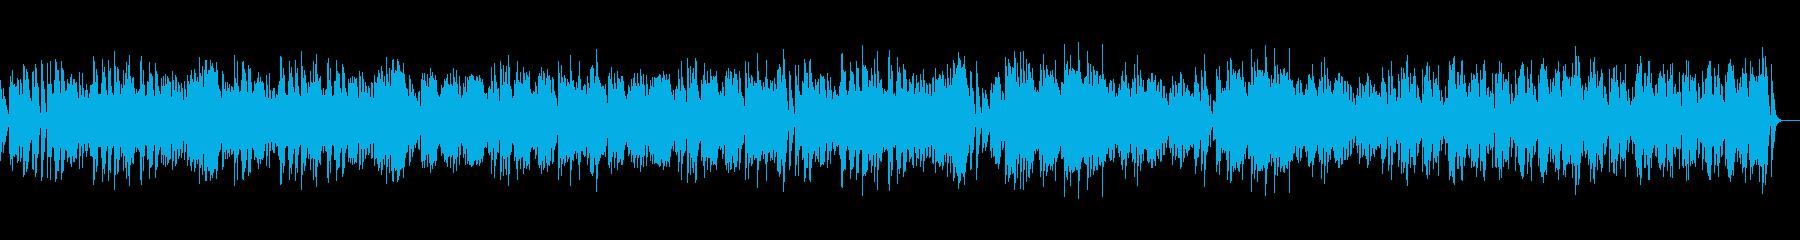 ストレニュアス・ライフ_オルゴールverの再生済みの波形